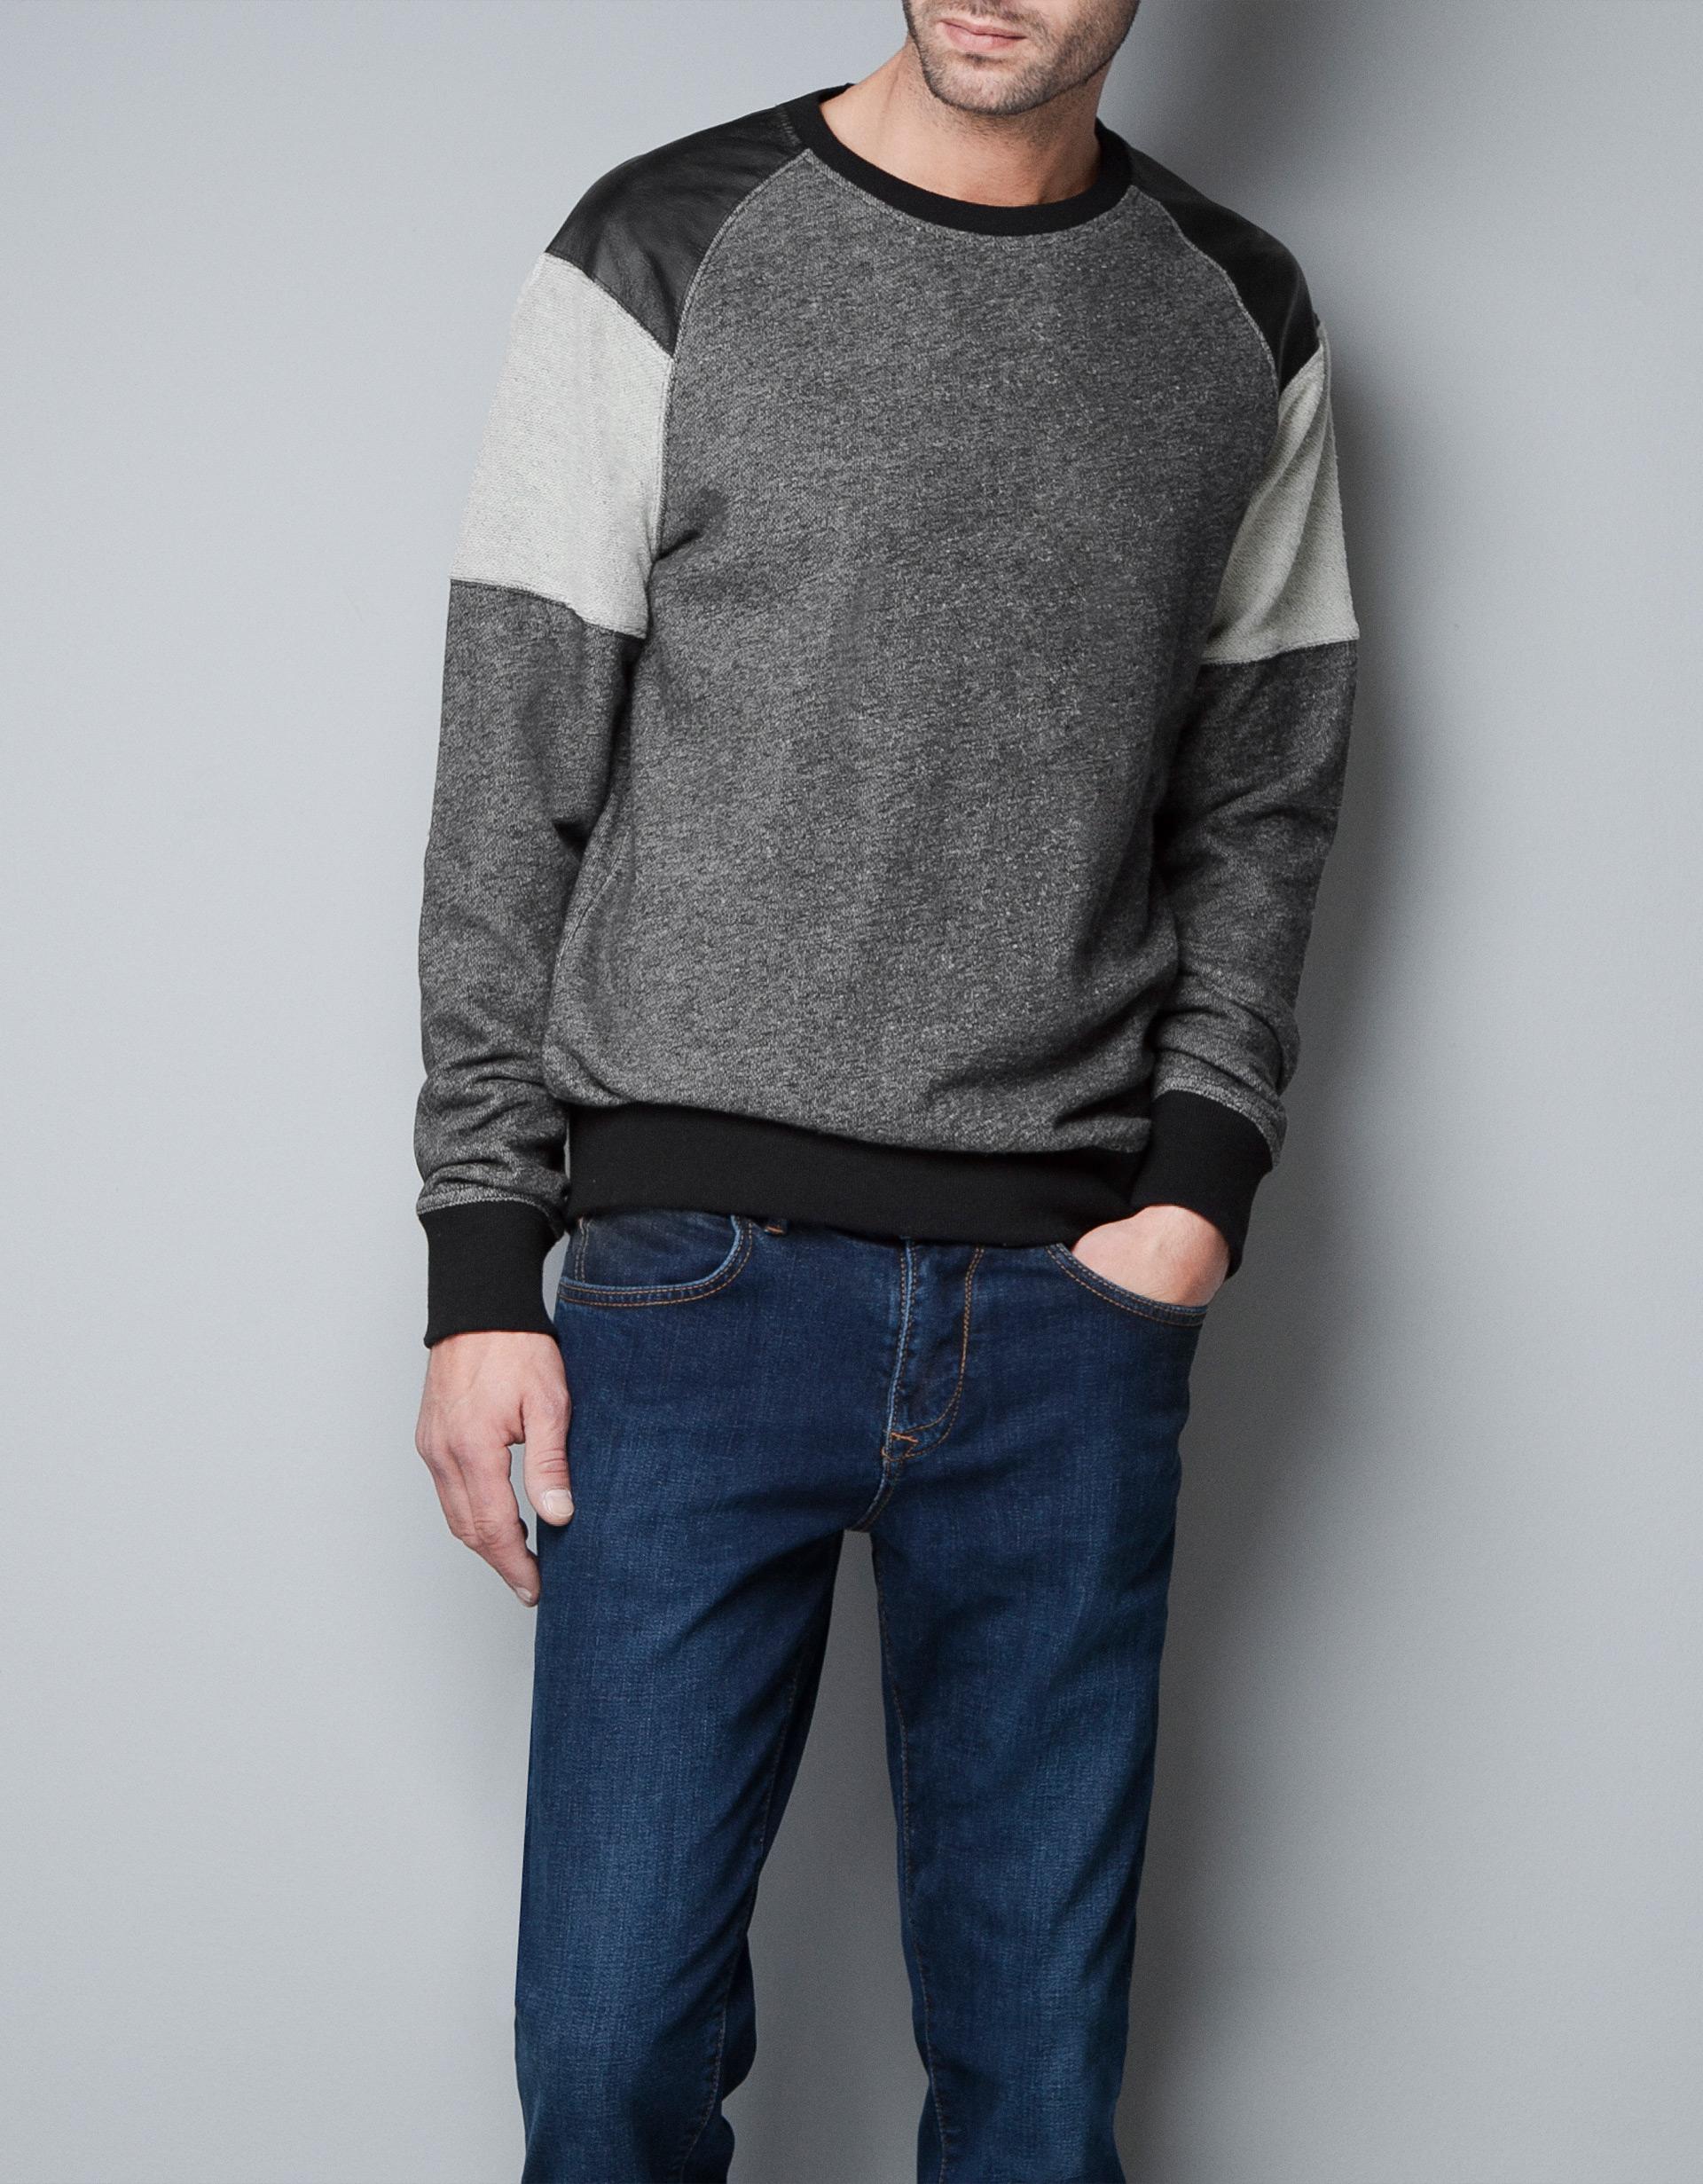 style populaire nouveau design service durable zara homme sweat shirt